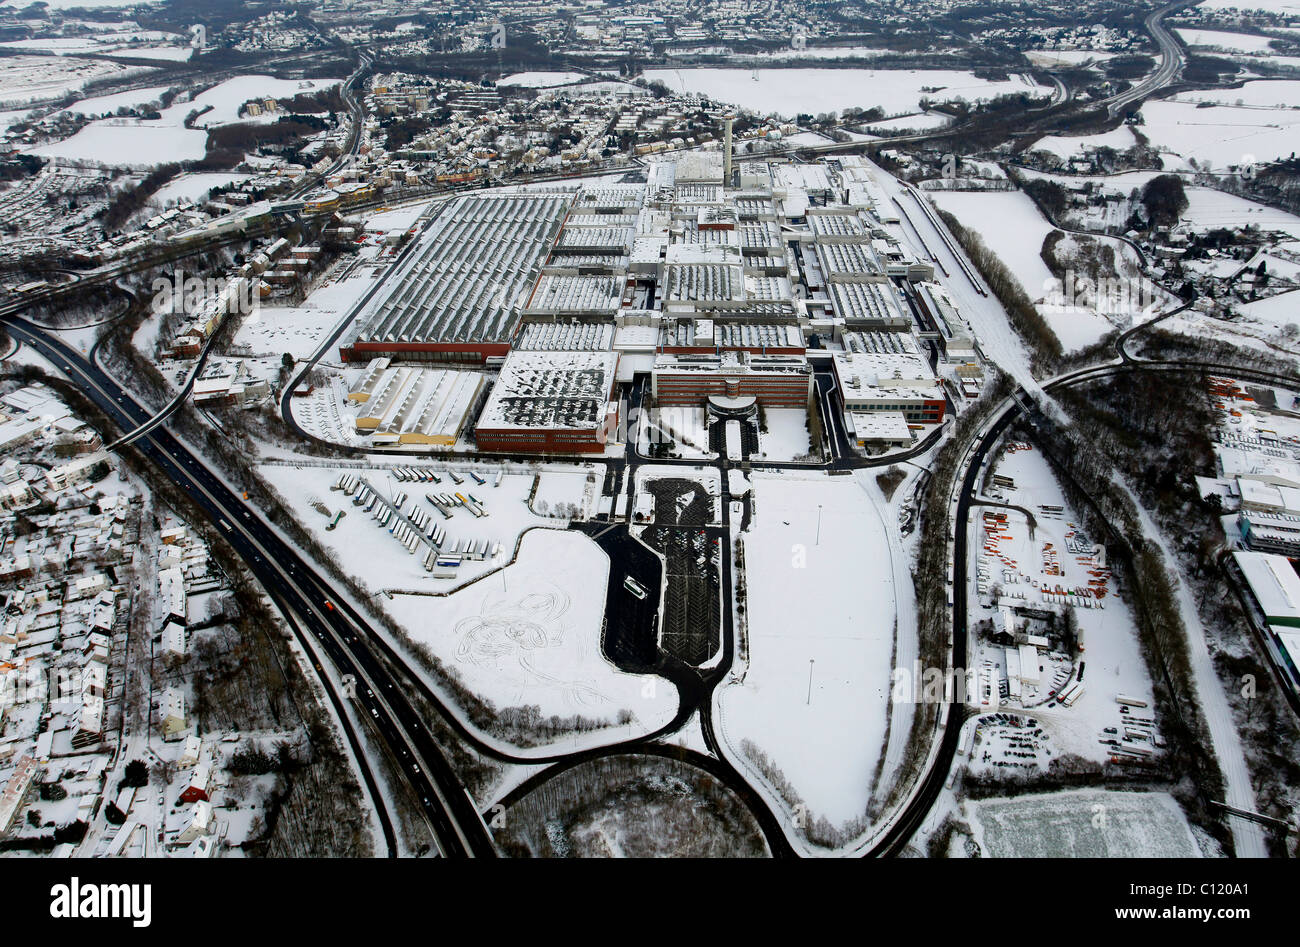 Aerial view, snow, inner-city highway, Zafirawerk plant, Astrawerk factory, Opel GM General Motors Werk I plant, - Stock Image